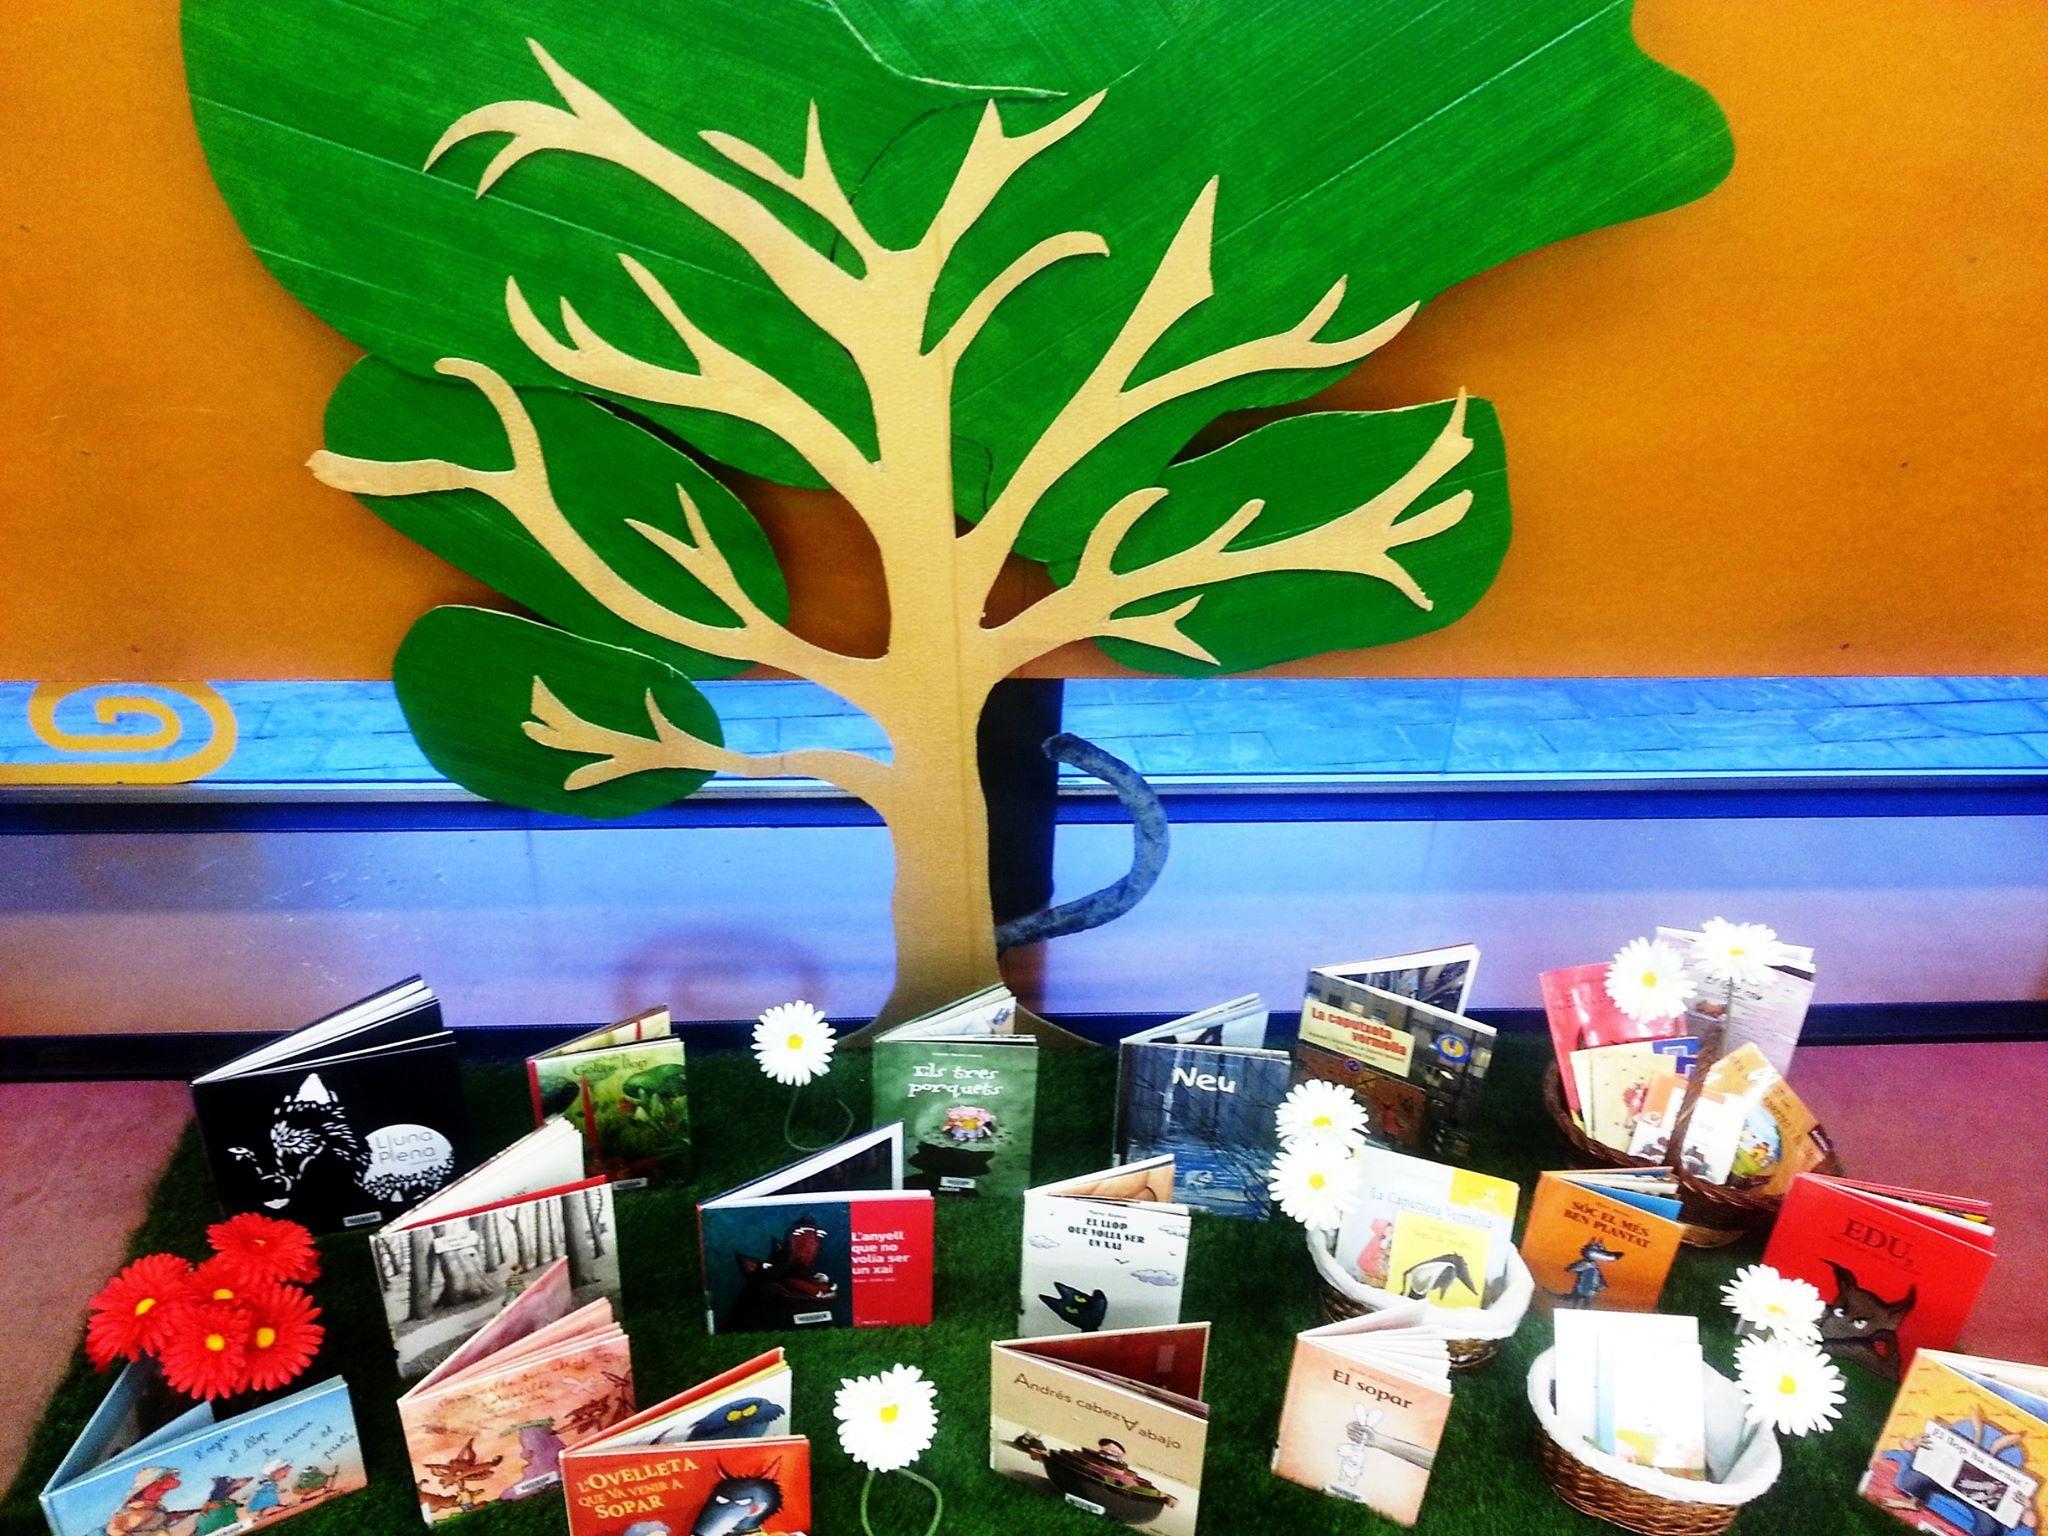 Exposició llibres infantils. Biblioteques de Granollers. http://goo.gl/gmbcIj